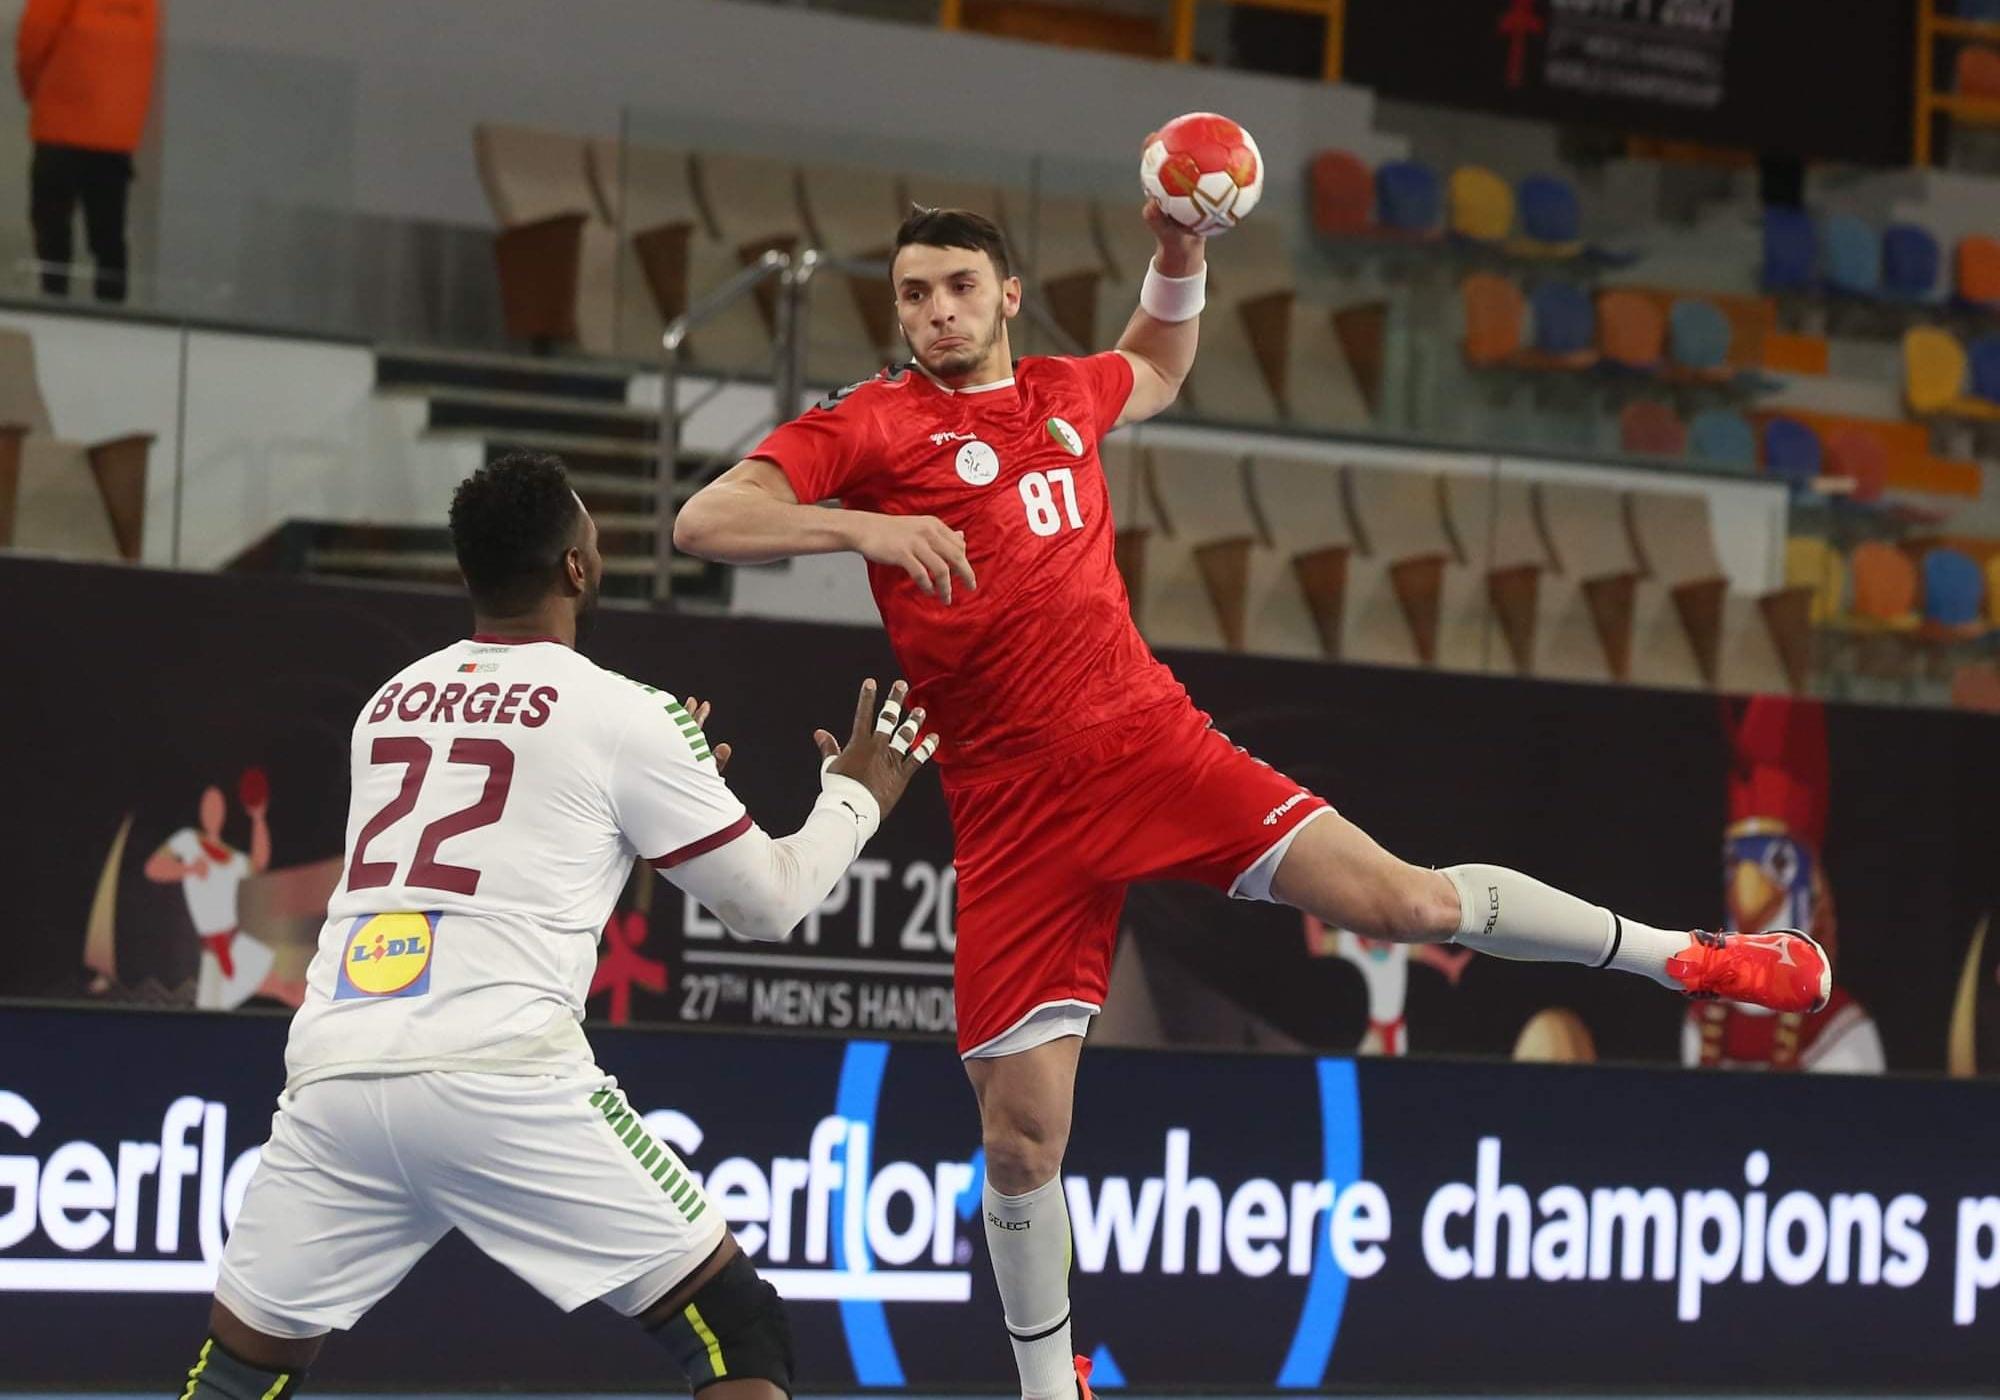 بطولة العالم لكرة اليد: انهزام الجزائر أمام البرتغال